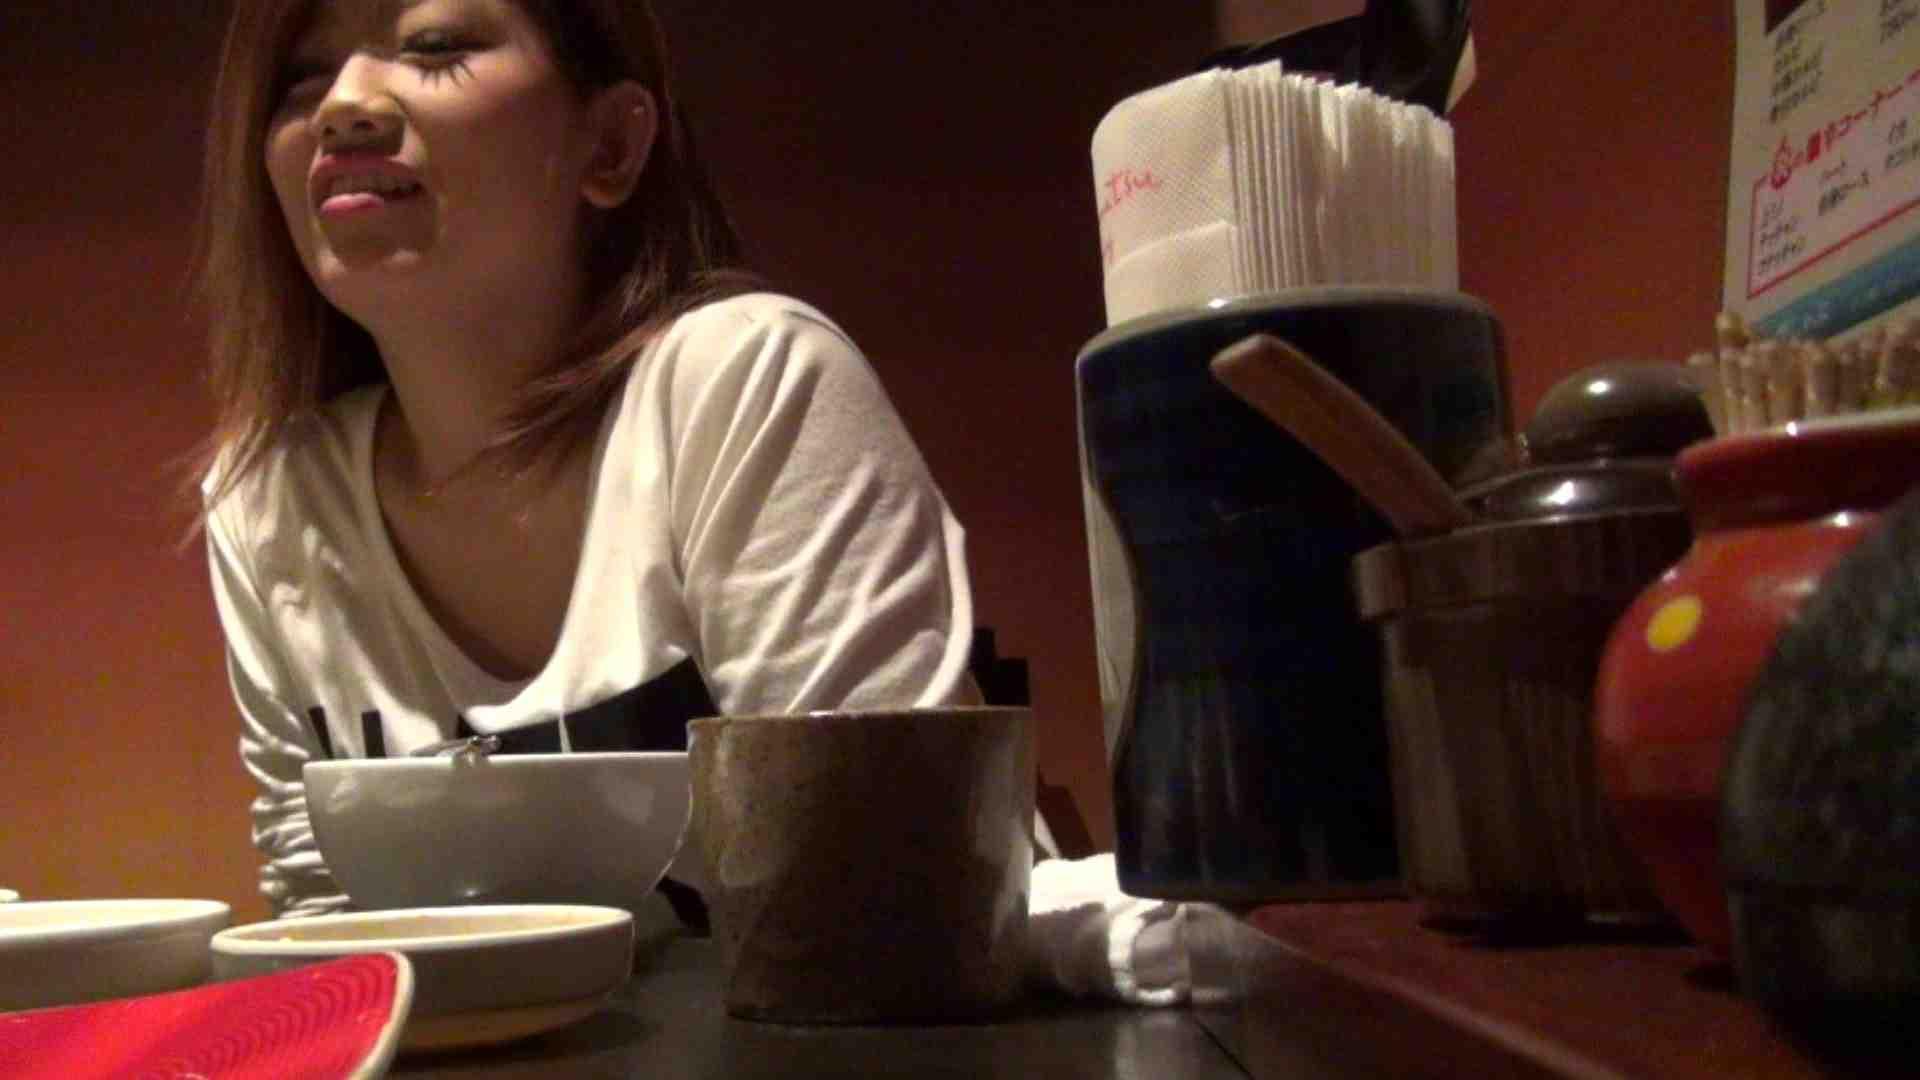 【出会い01】大助さんMちゃんと食事会 エッチすぎる友人  54連発 46